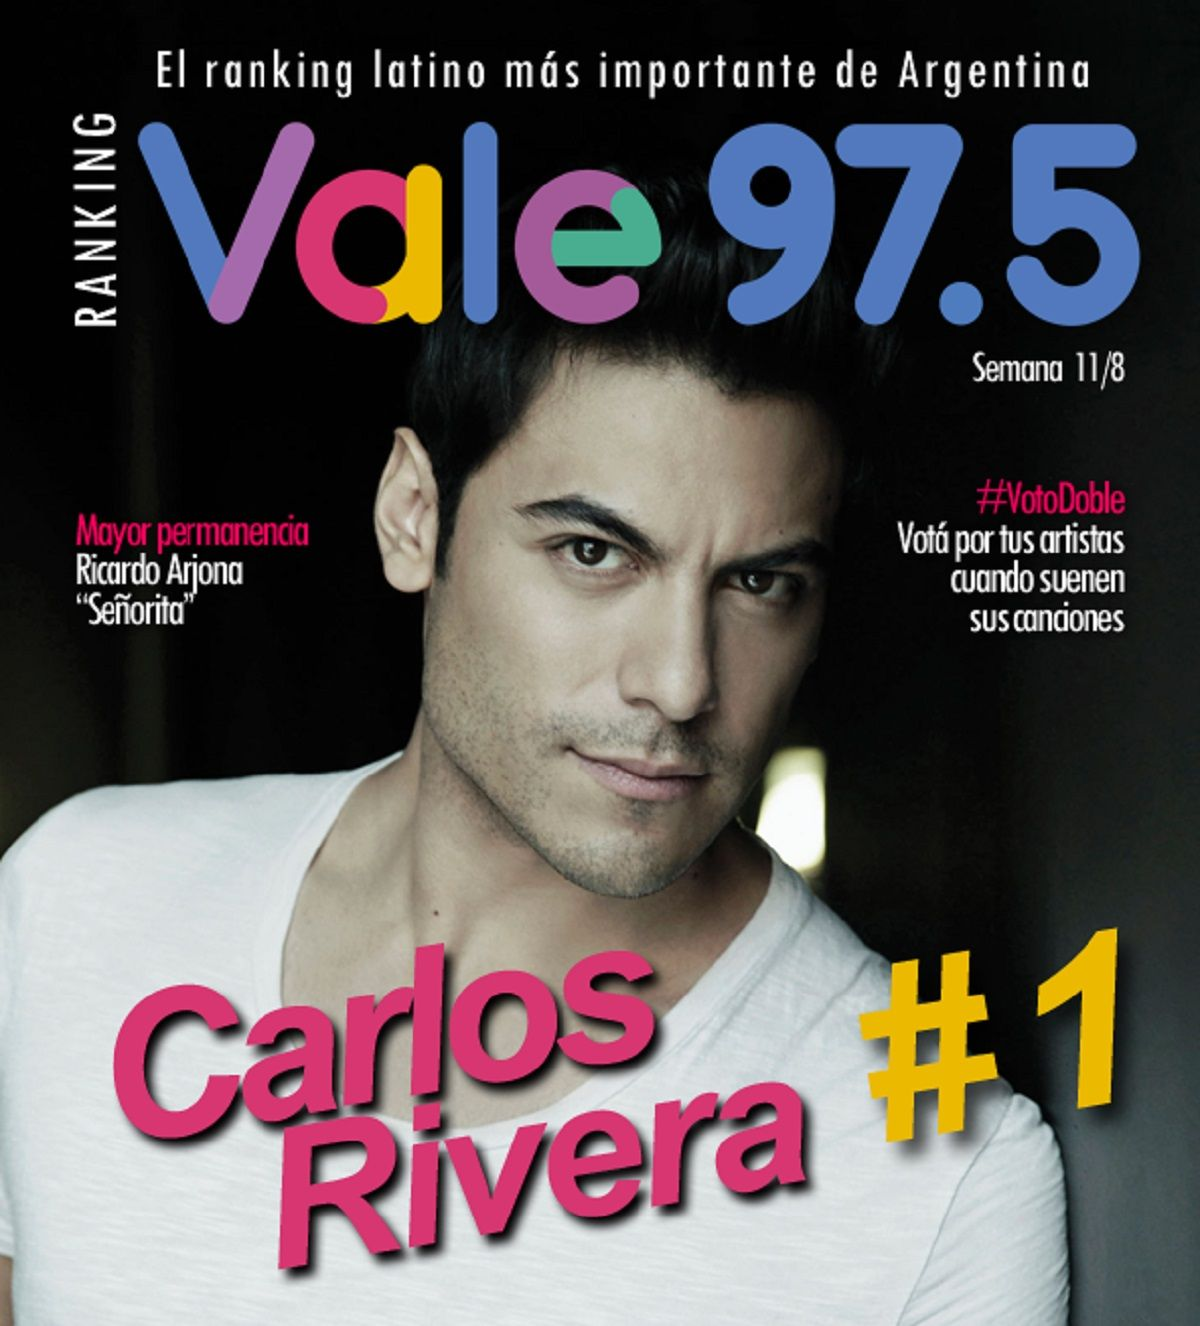 Carlos Rivera, imparable en el Ranking Vale